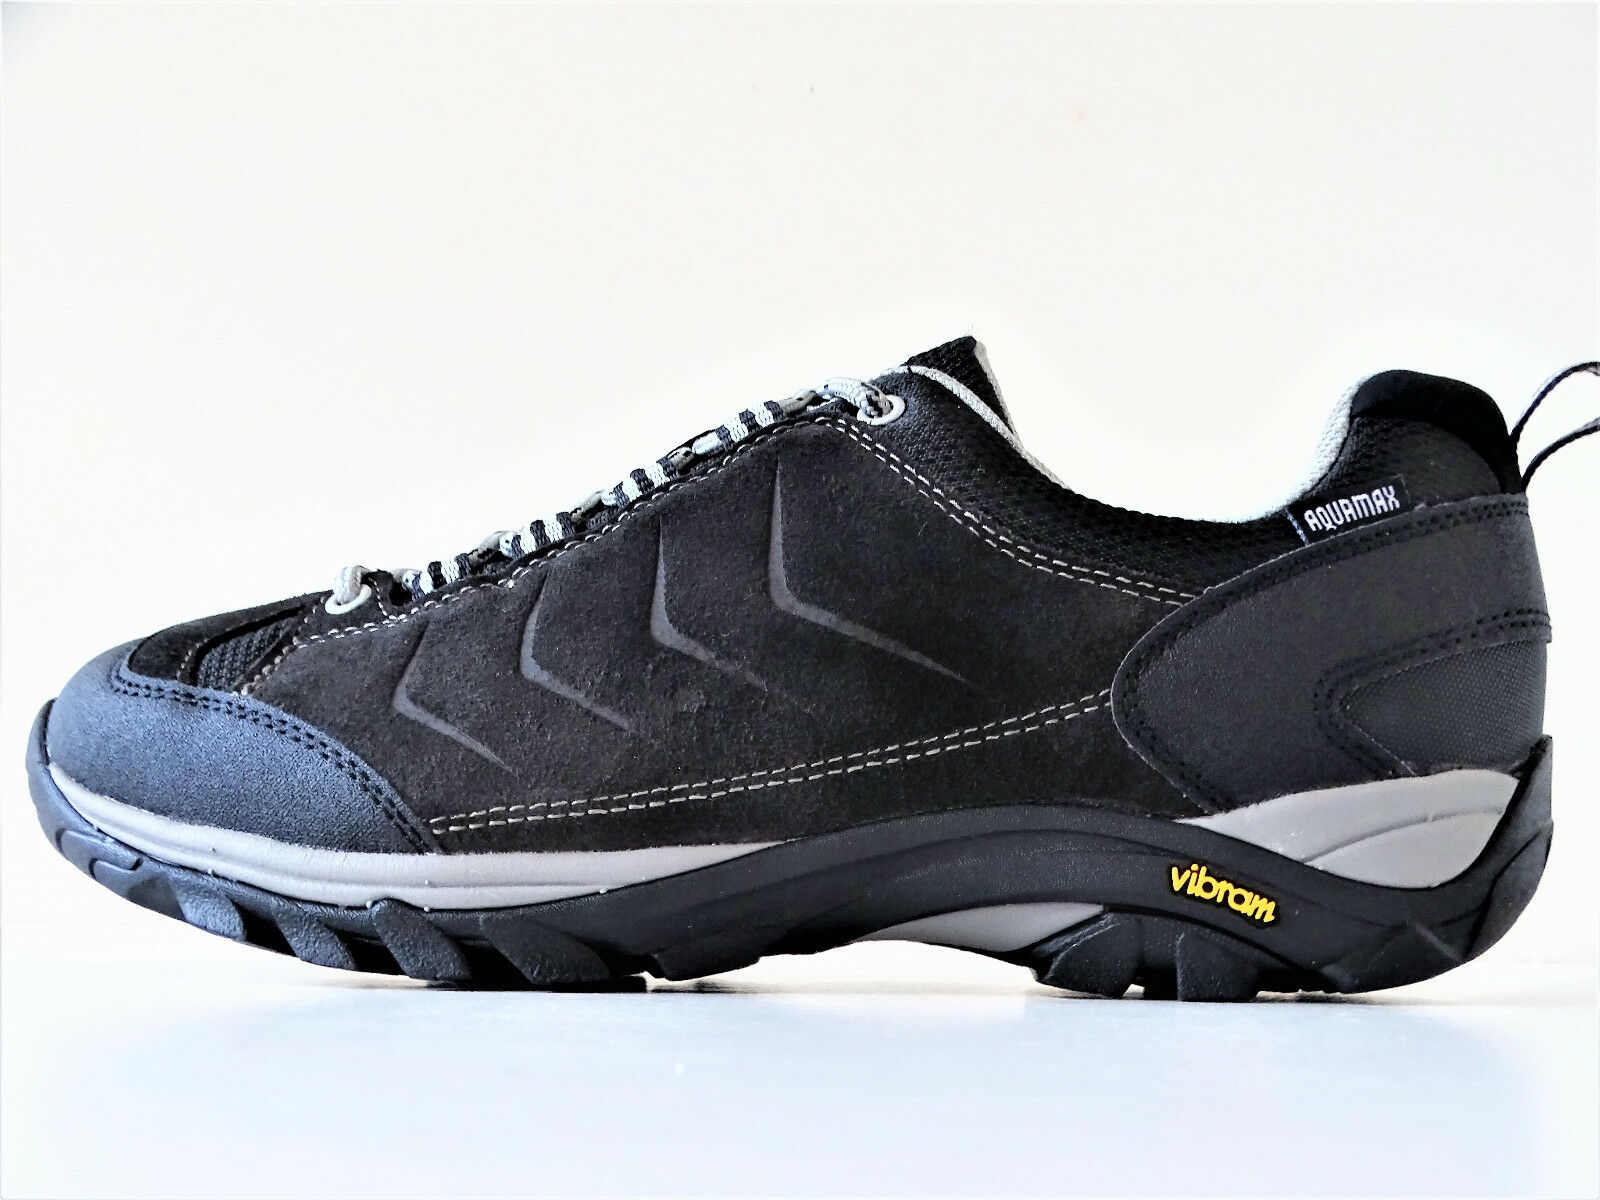 McKINLEY Nago lo Men Herren Multifunktion Hiking Trekking Wandern Outdoor Schuhe